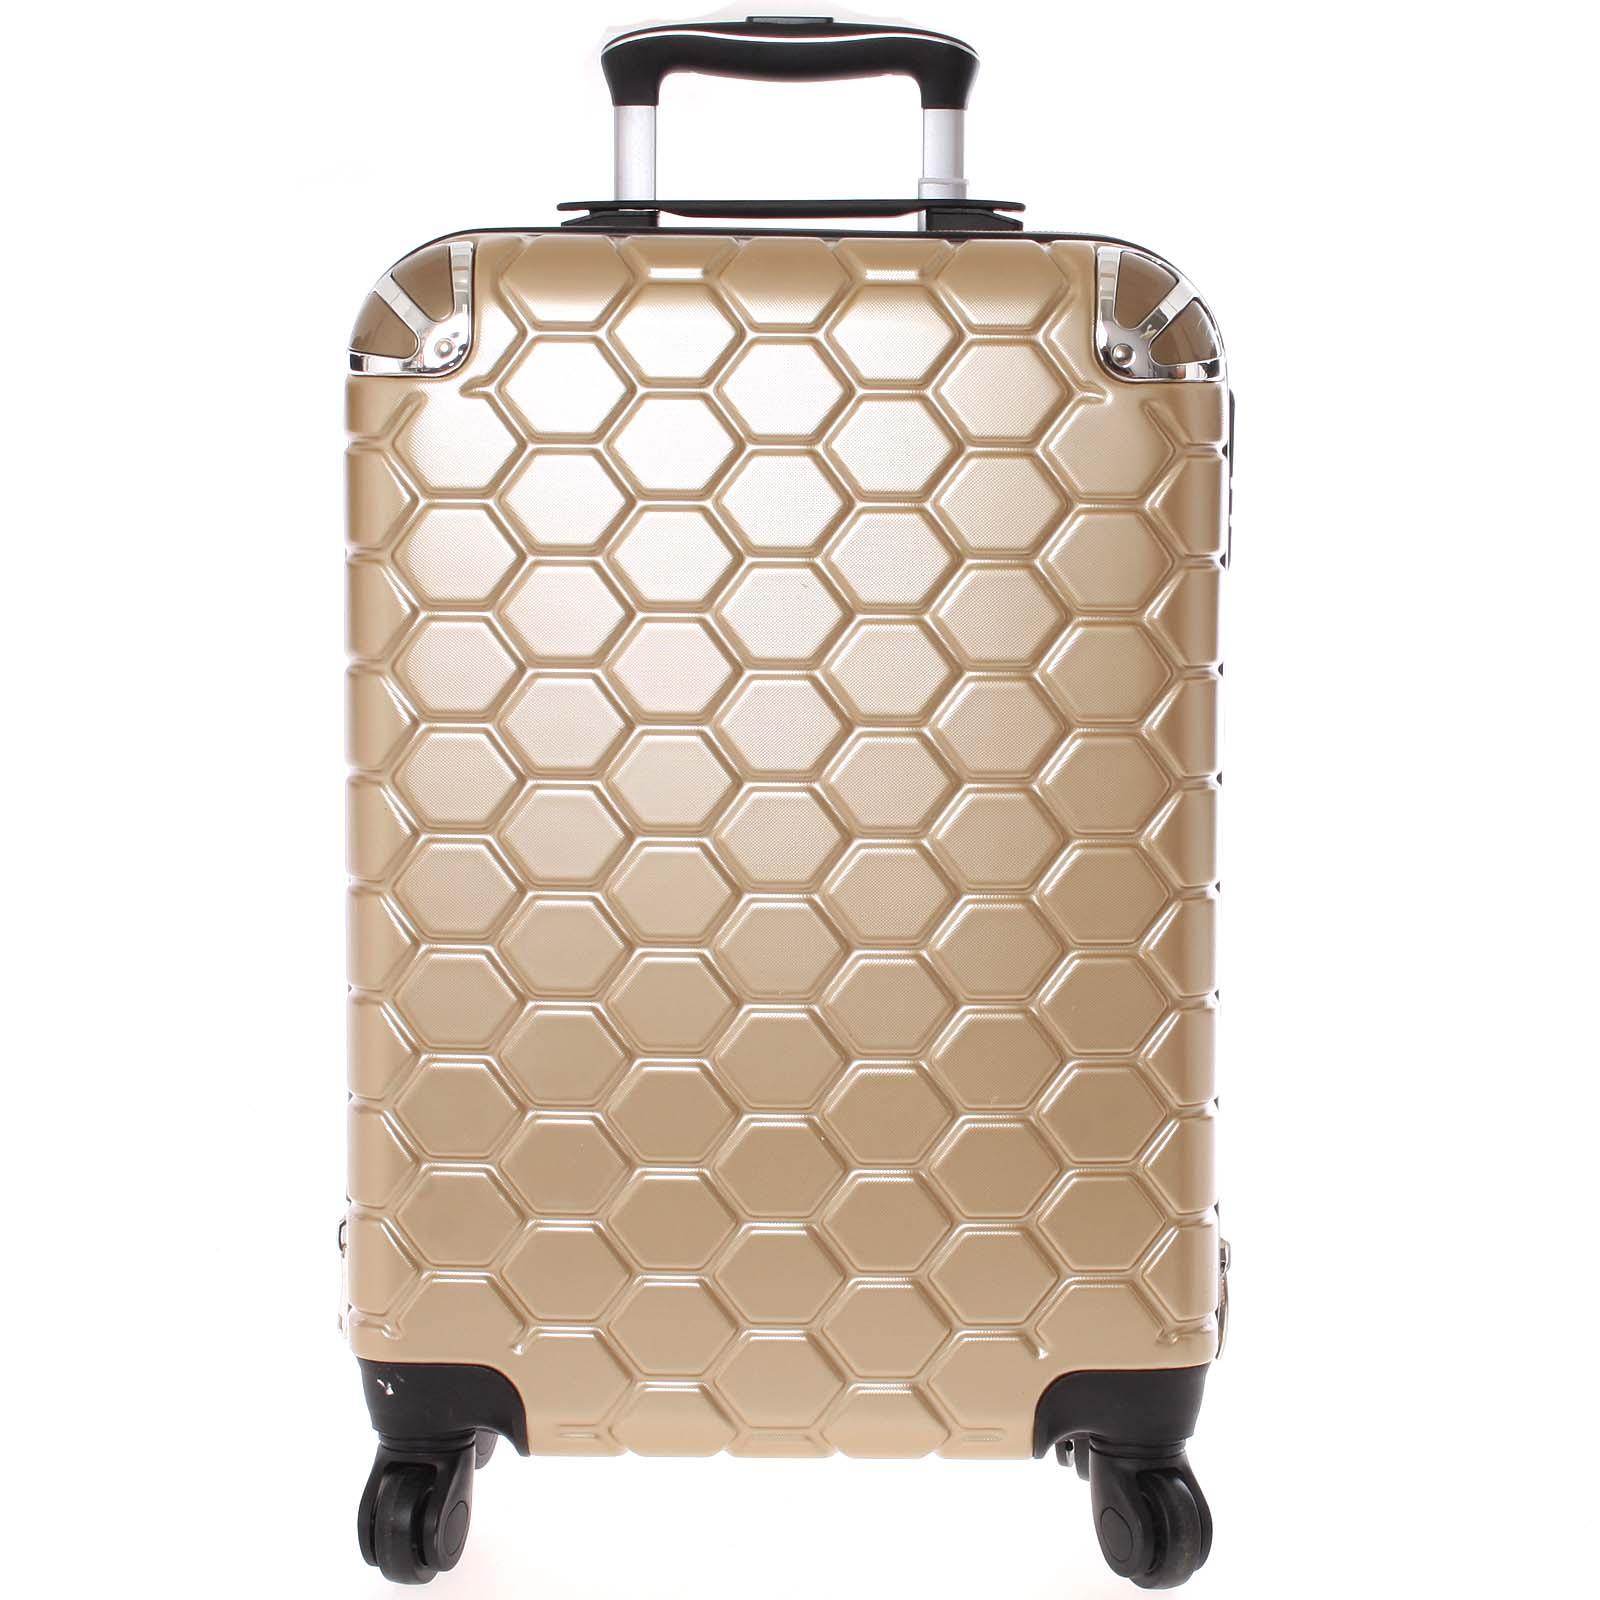 Zlatý cestovní kufr pevný - Ormi Hive L